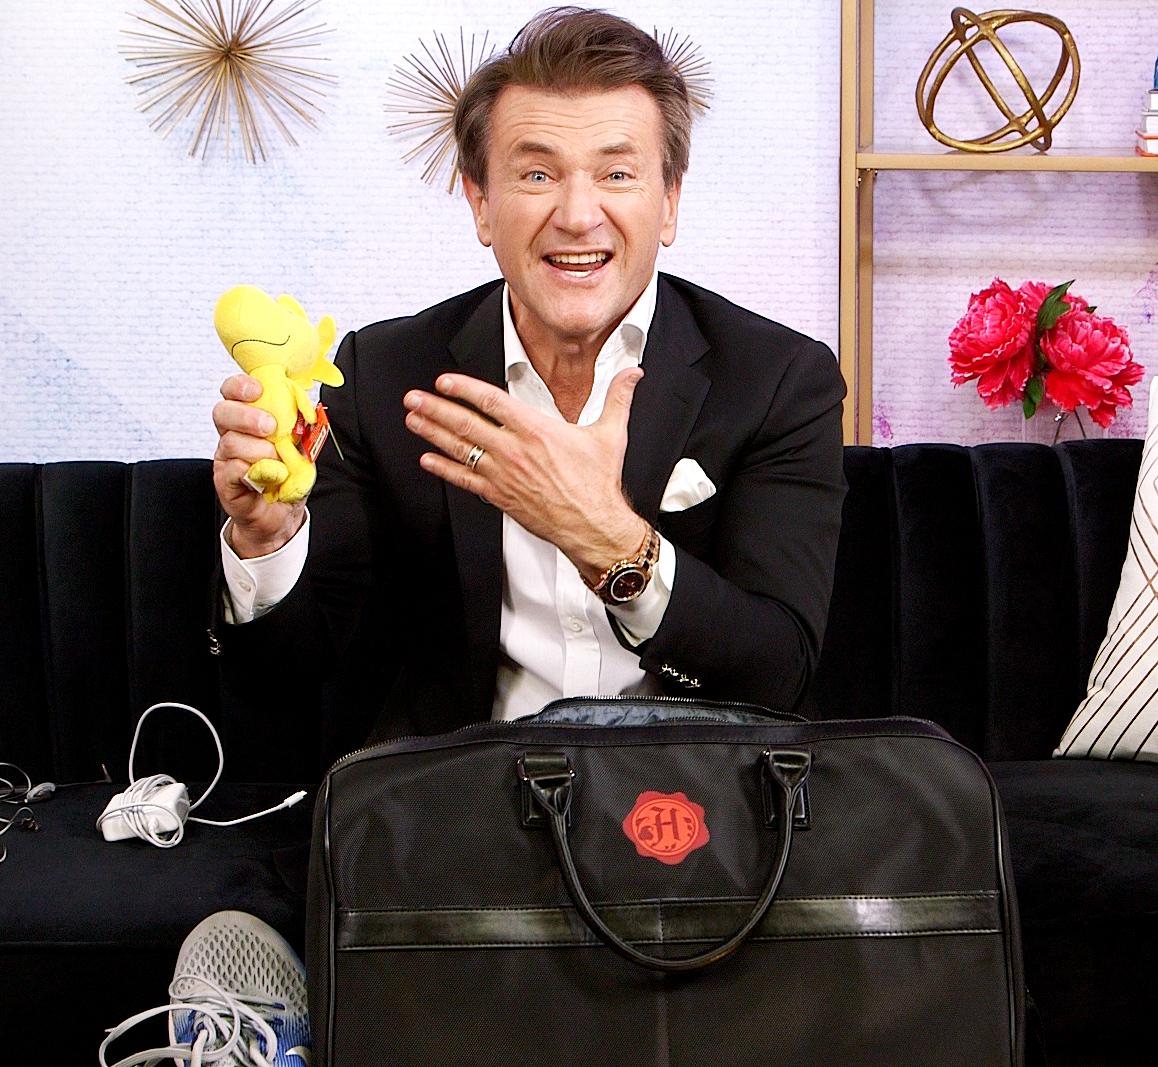 Robert-Herjavec-What's-in-my-Travel-Bag